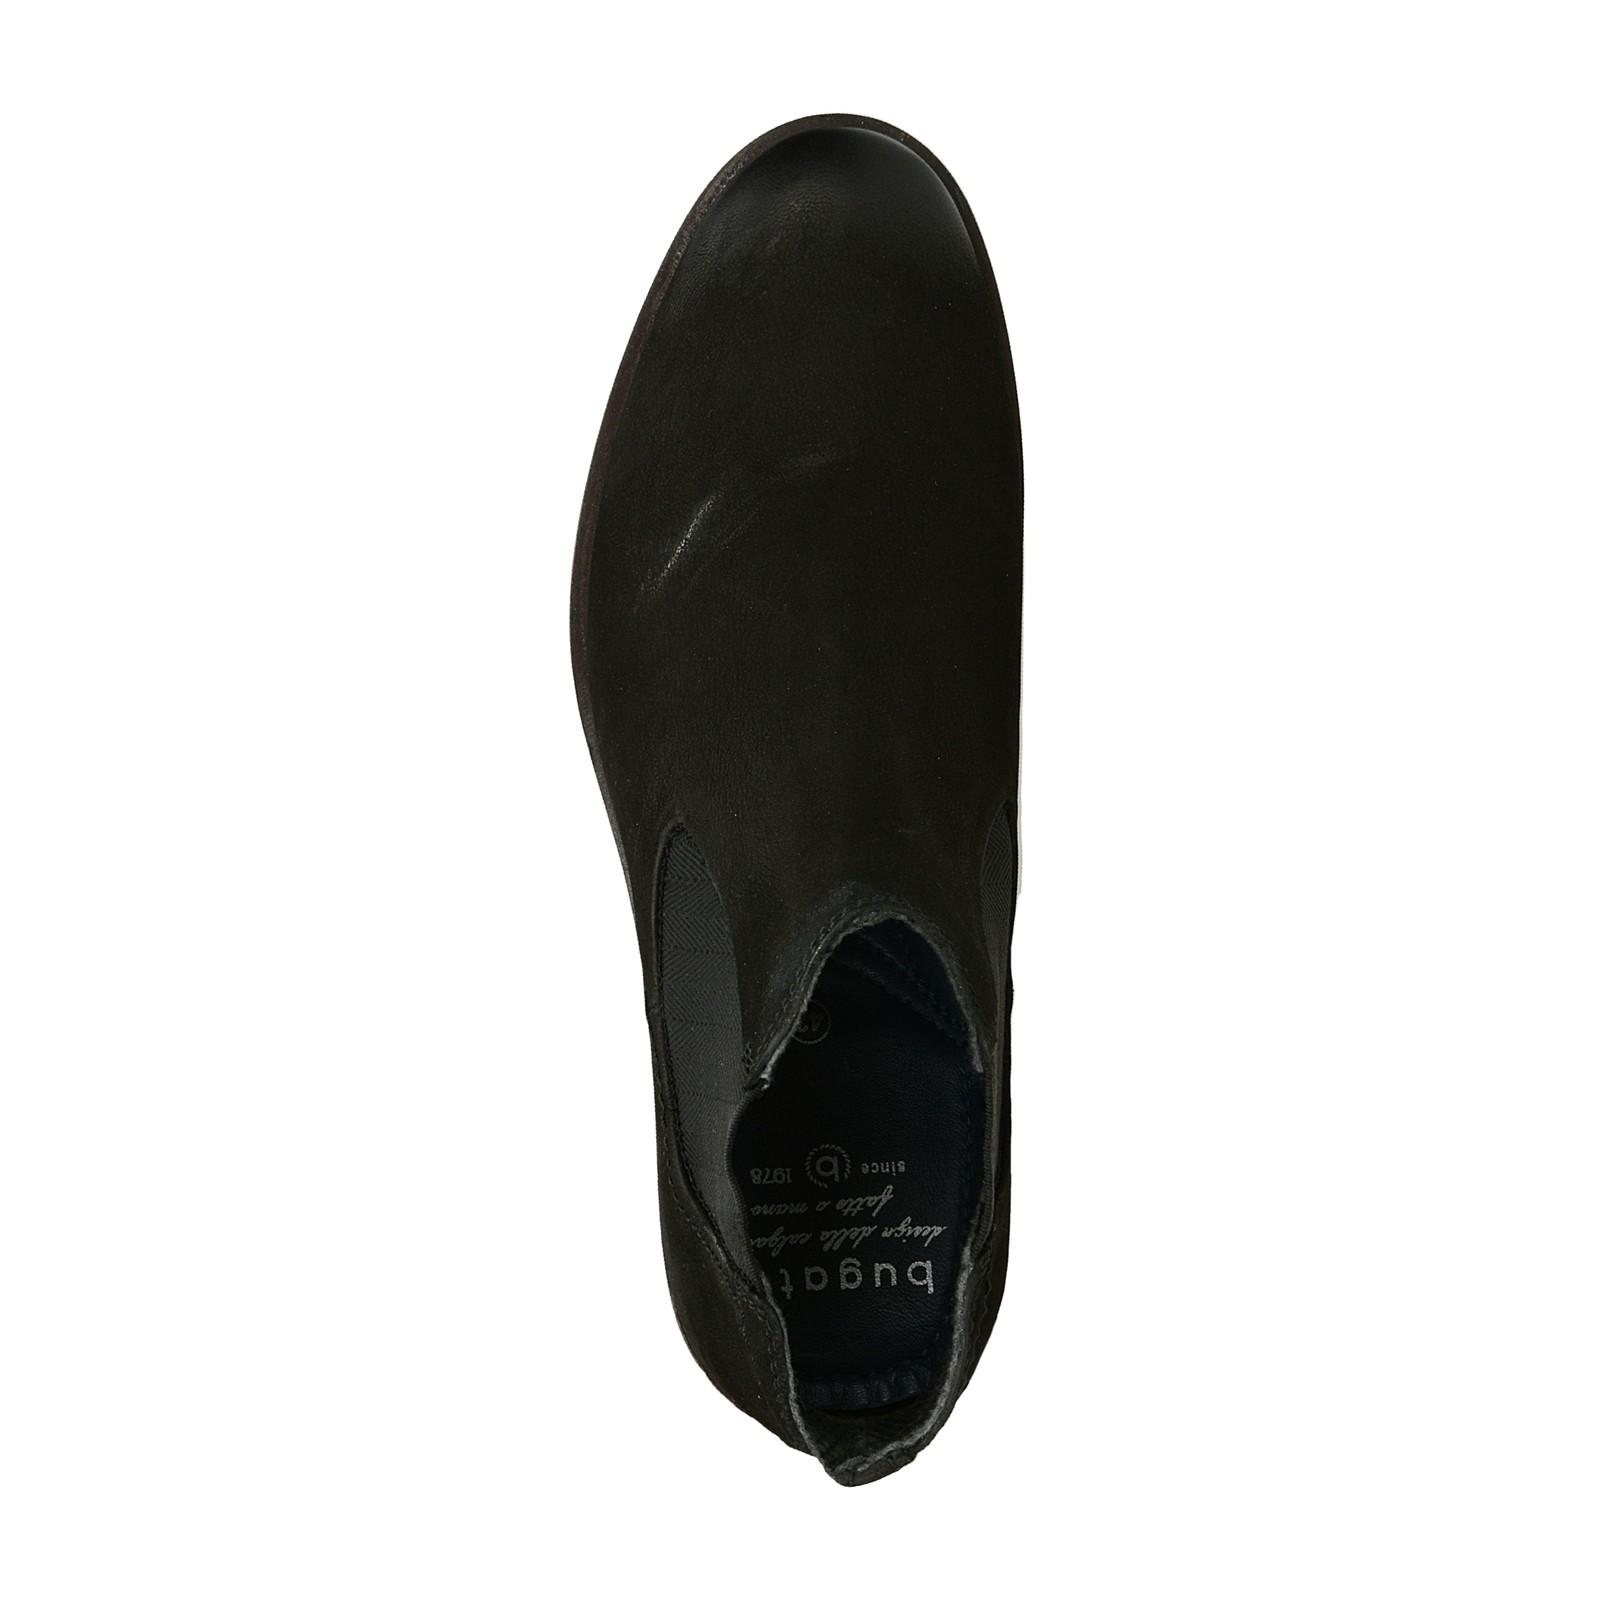 53ab5456aabaf Bugatti pánska štýlová členková obuv - čierna | 311-17336-3500-1000 ...